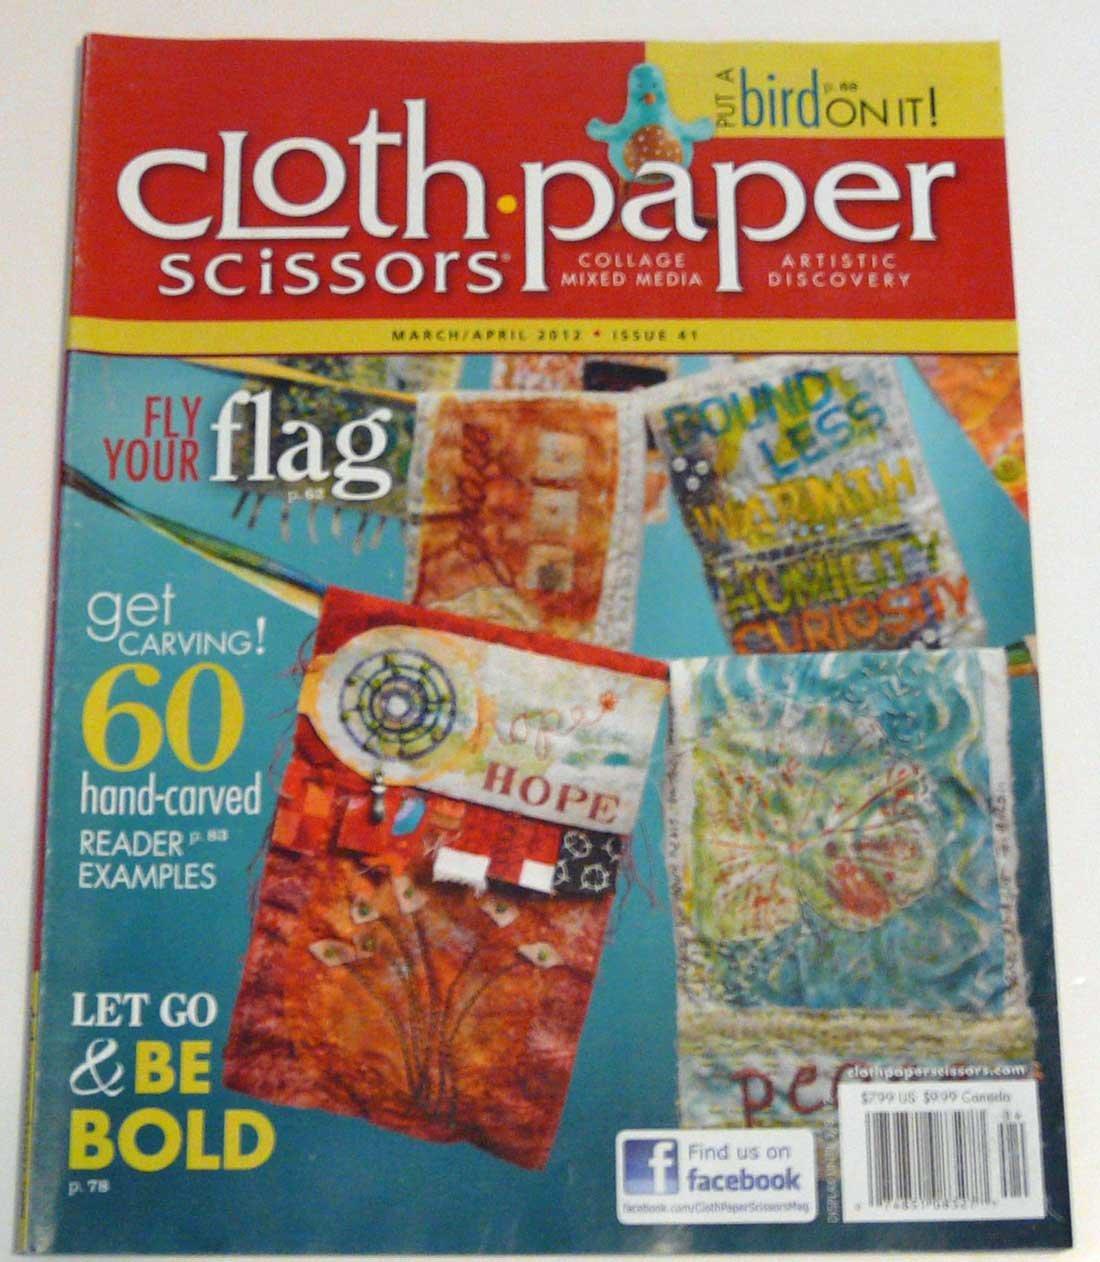 Cloth Paper Scissors Magazine Pages (March April 2012) pdf